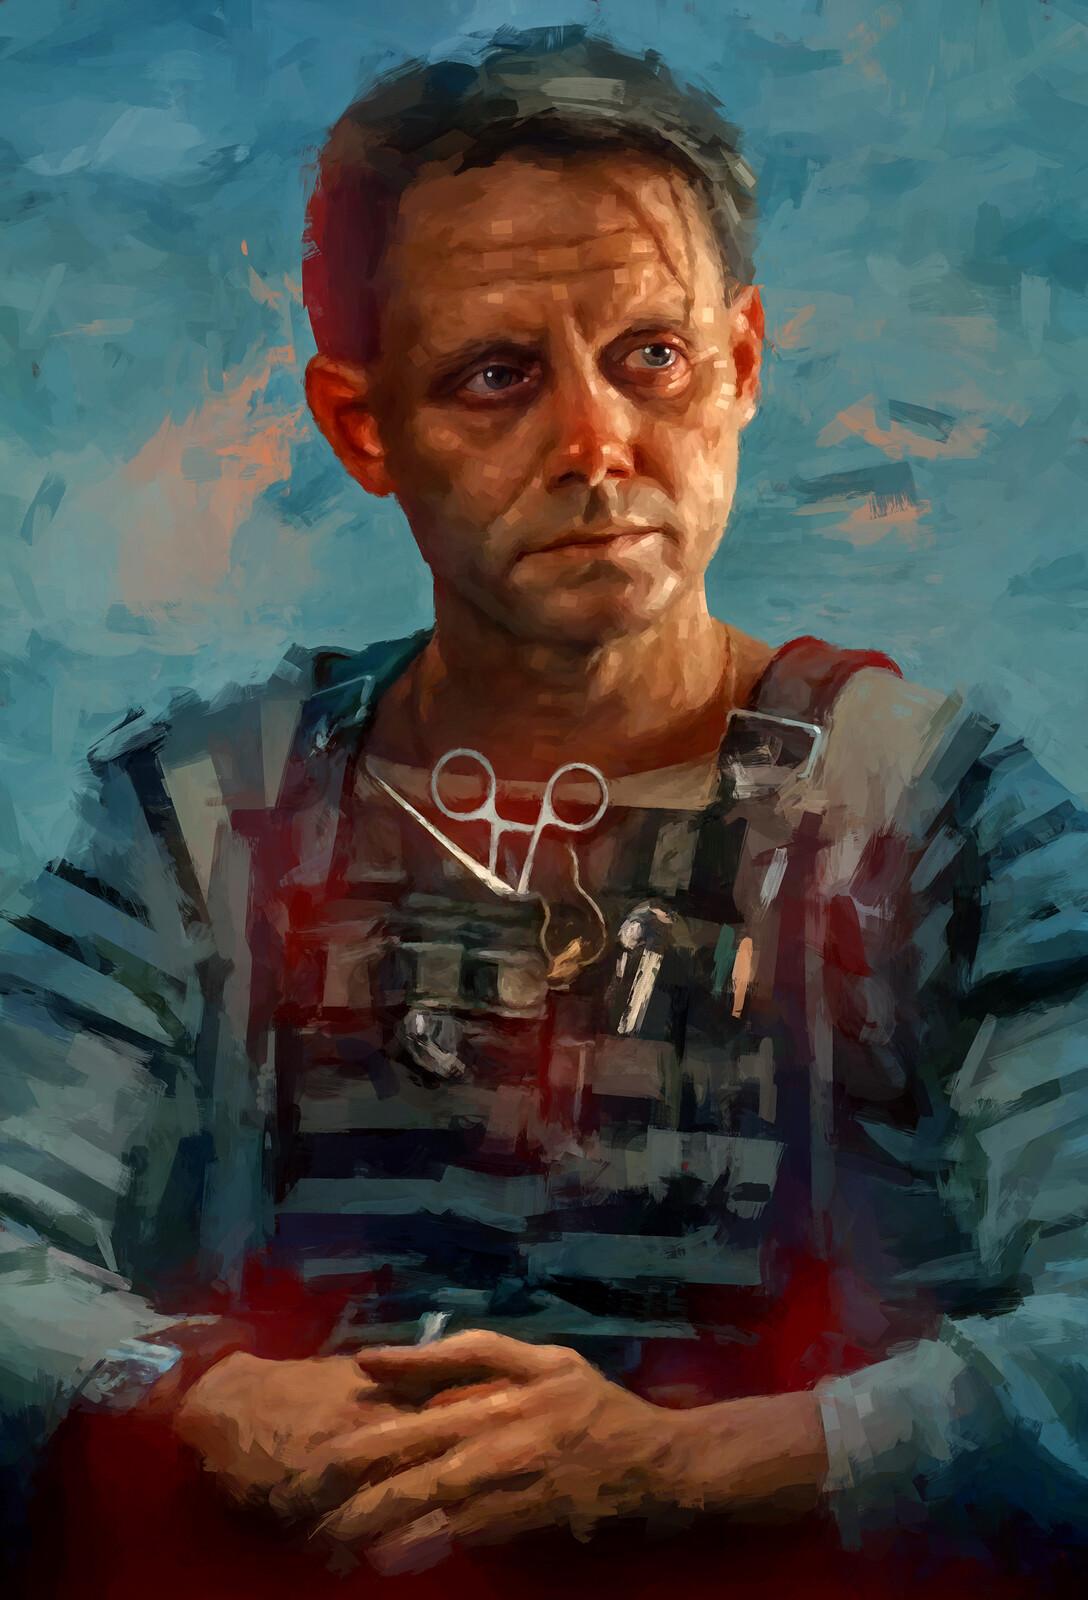 JF Sebastian (Blade Runner)